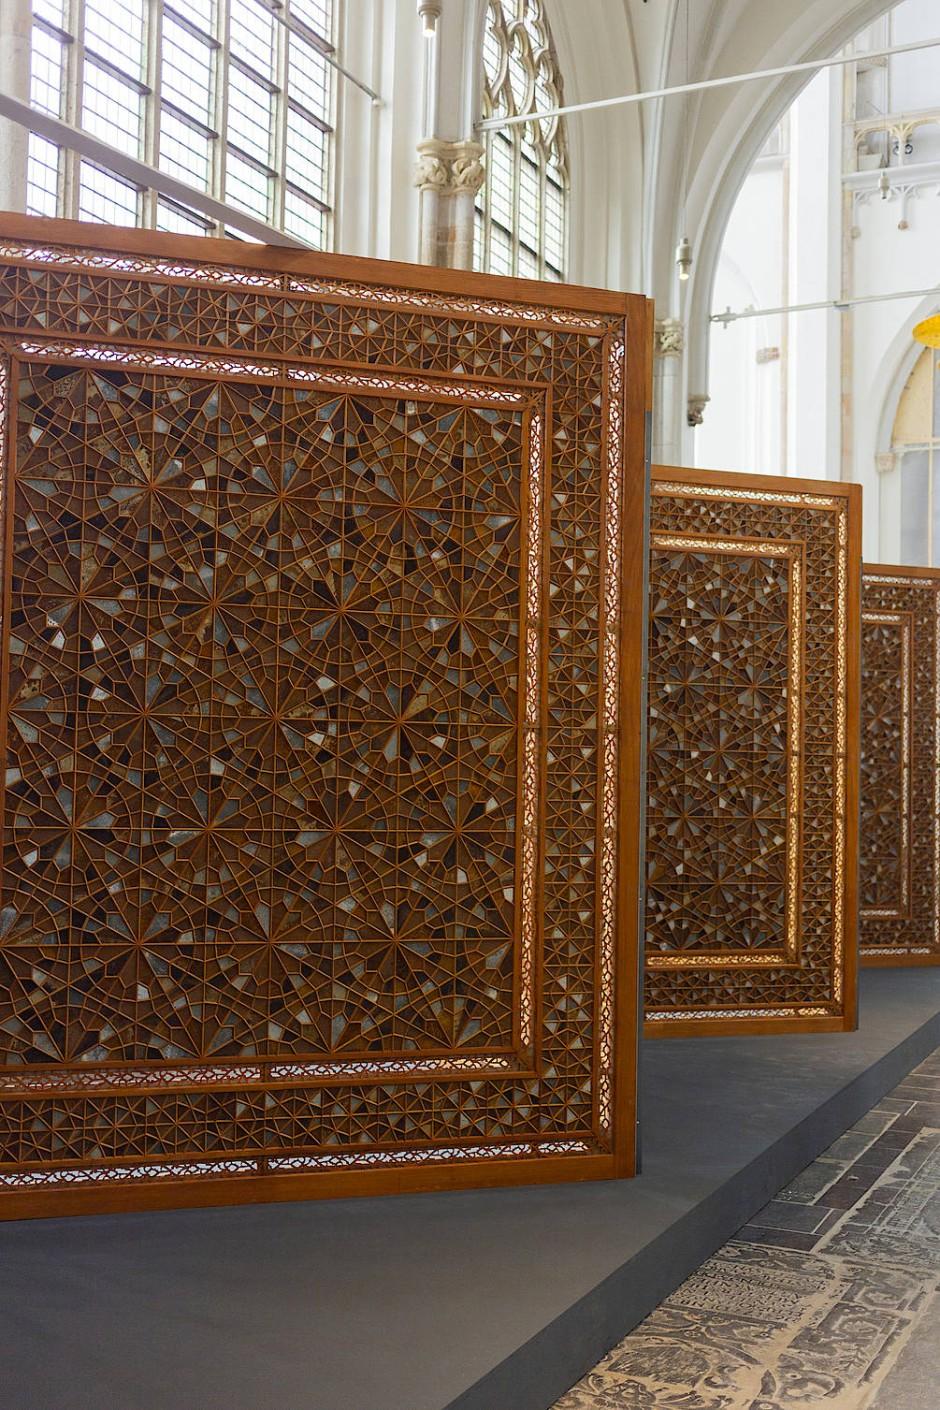 Wo Muster politisch werden: Oscar Murillos Wandschirme mit orientalischen Ornamenten in der Kirche.